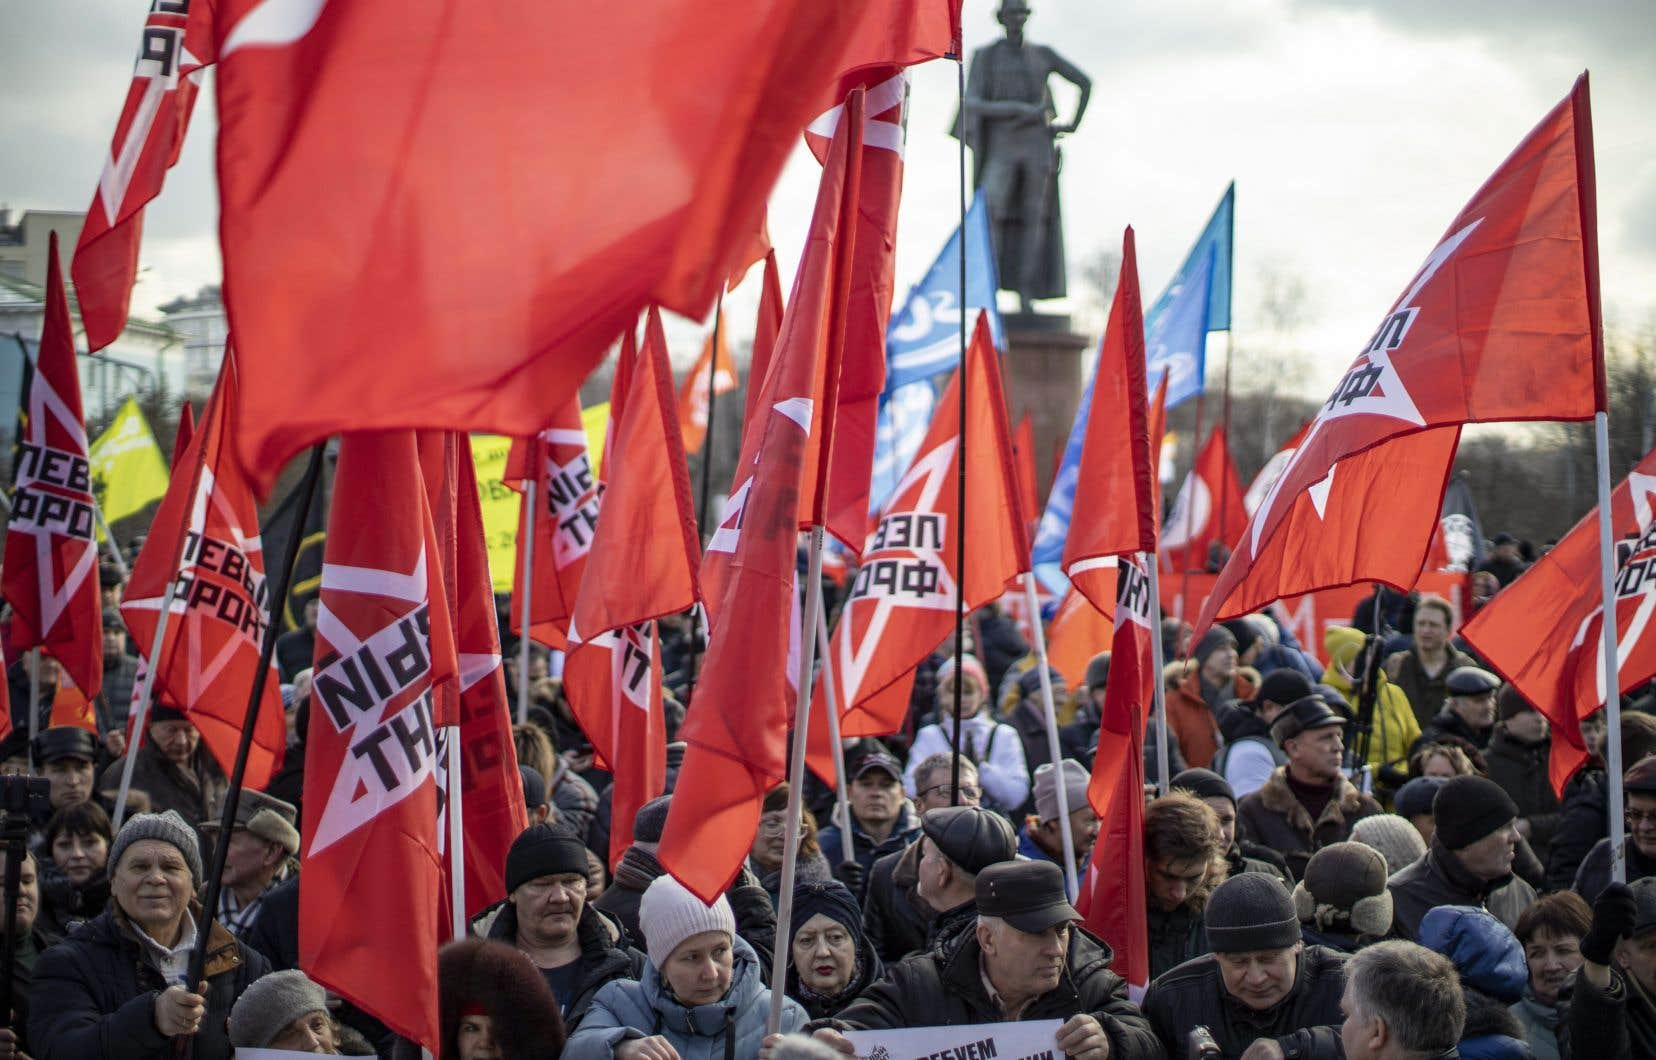 La manifestation moscovite a de son côté réuni 3000 personnes, selon son organisateur, 300, selon la police.